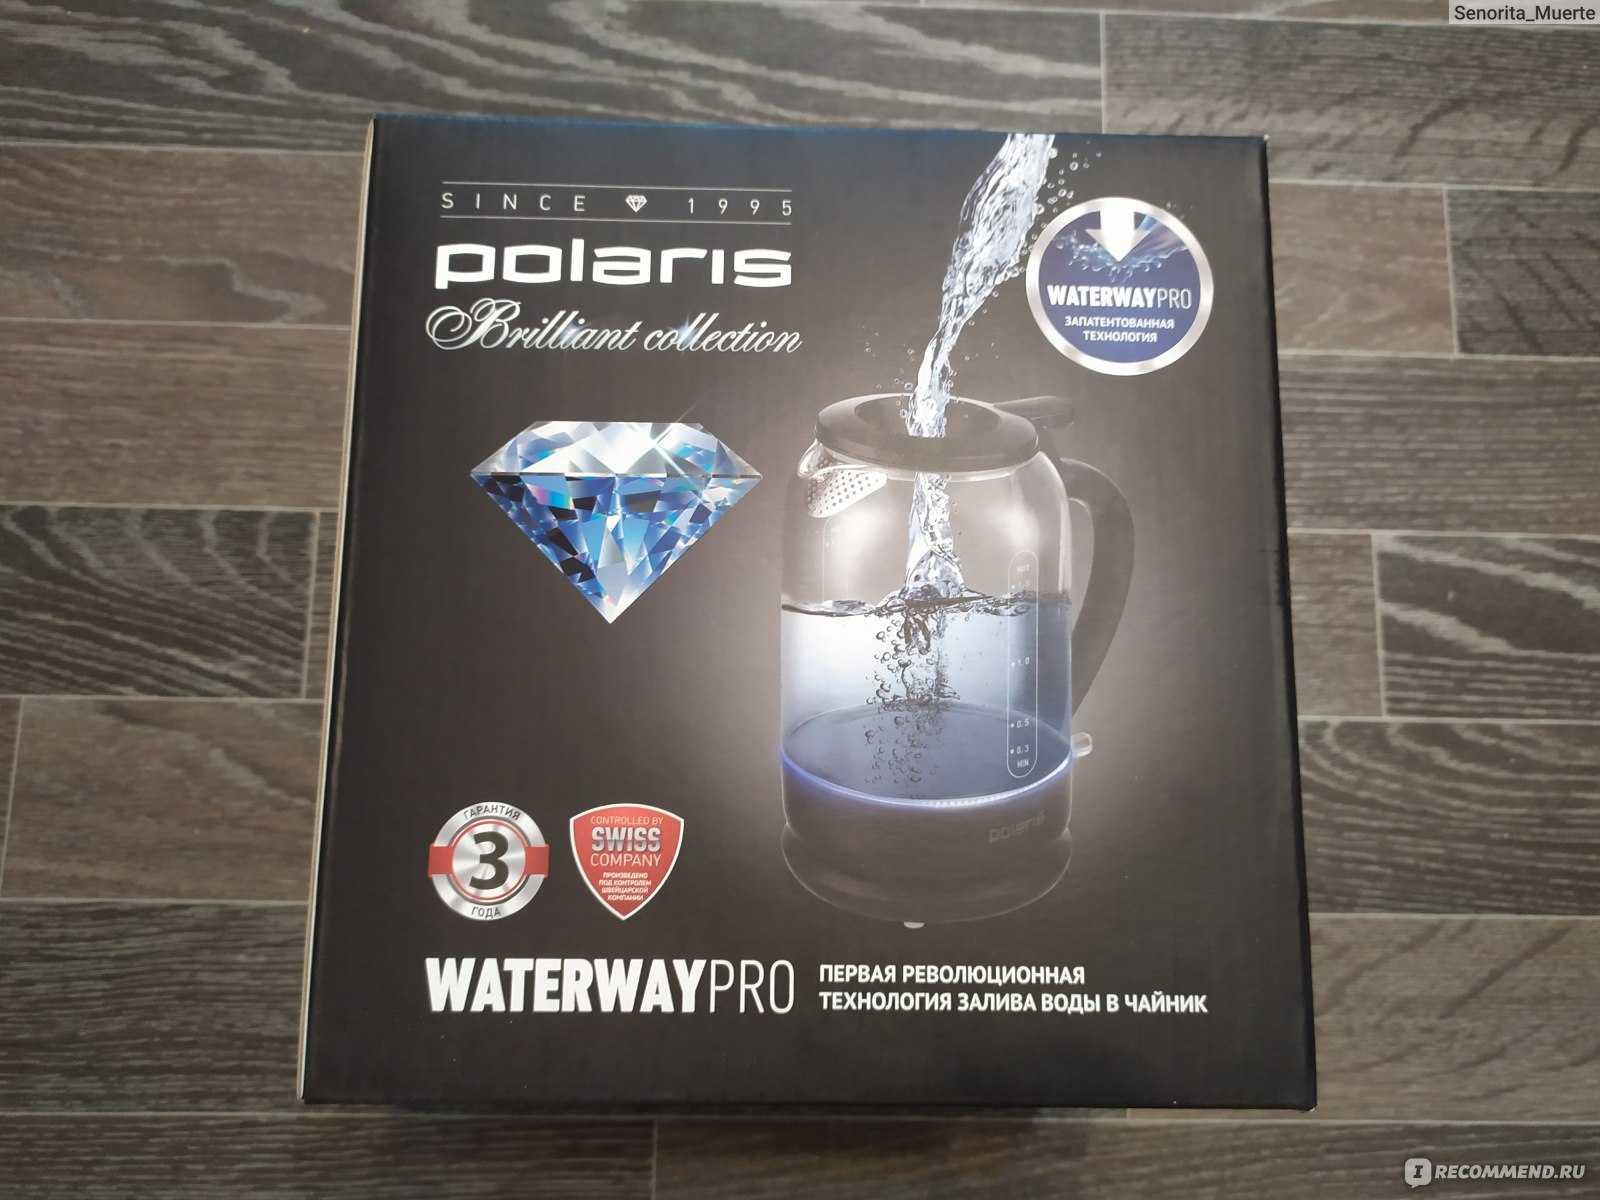 Швейцарский производитель электроники Polaris представил новый электрический чайник PWK 1711CGLD с поддержкой технологии WATERWAY PRO Суть в том что эта модель